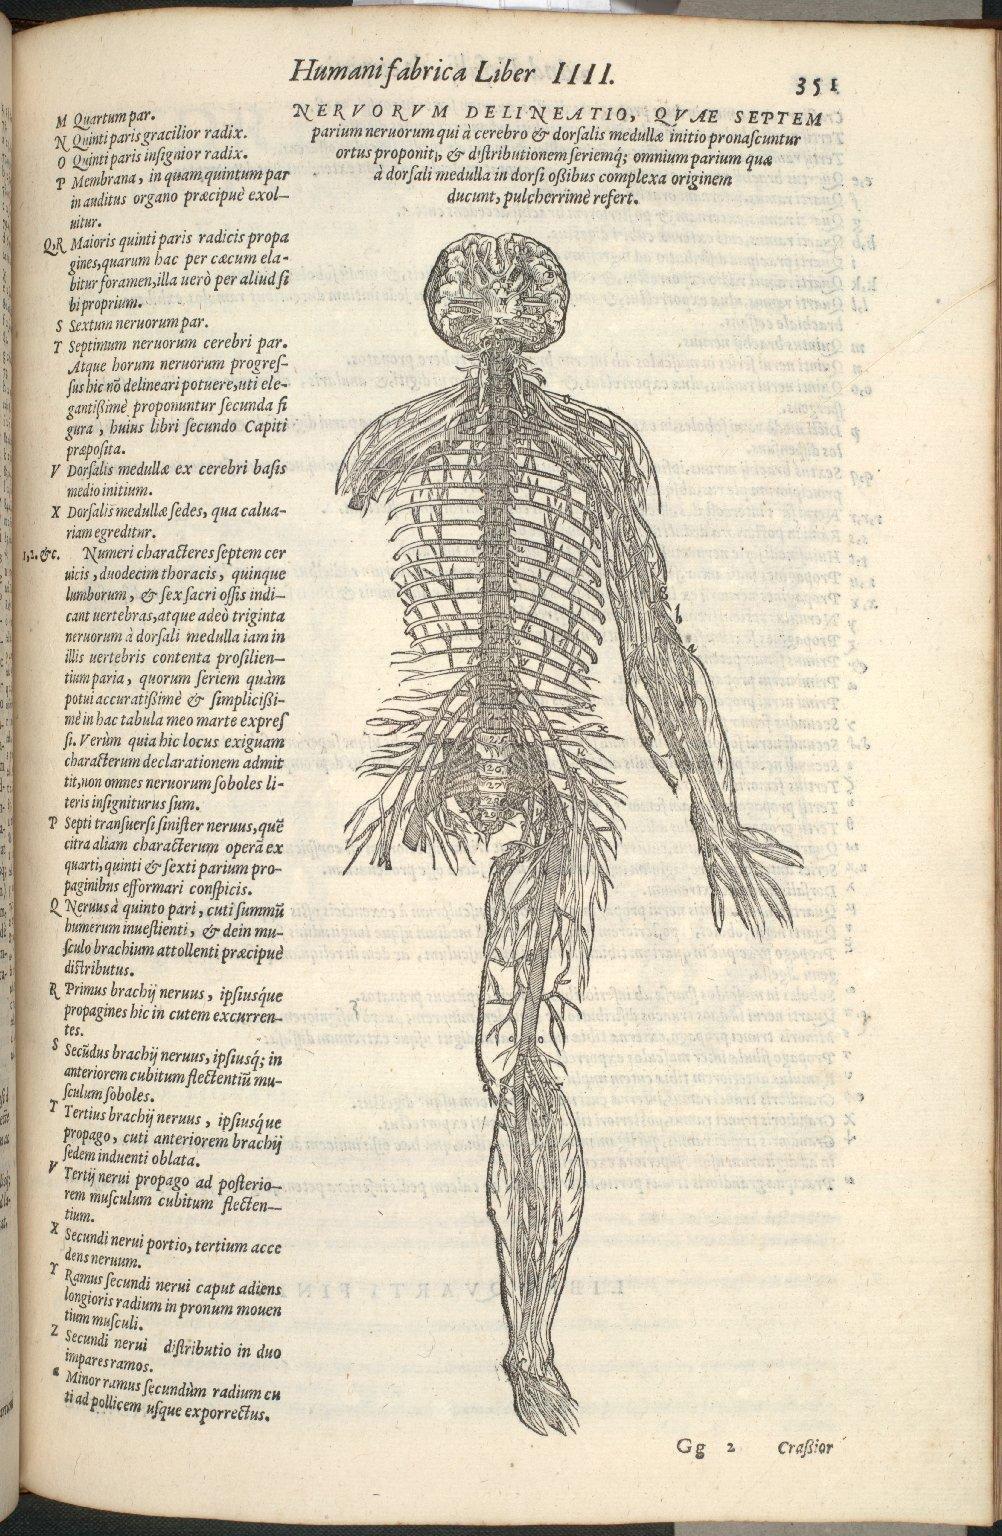 Nervorem delineatio, quae septem parium nervorum qui a cerebro et dorsalis medullae initio pronascuntur ortus proponit